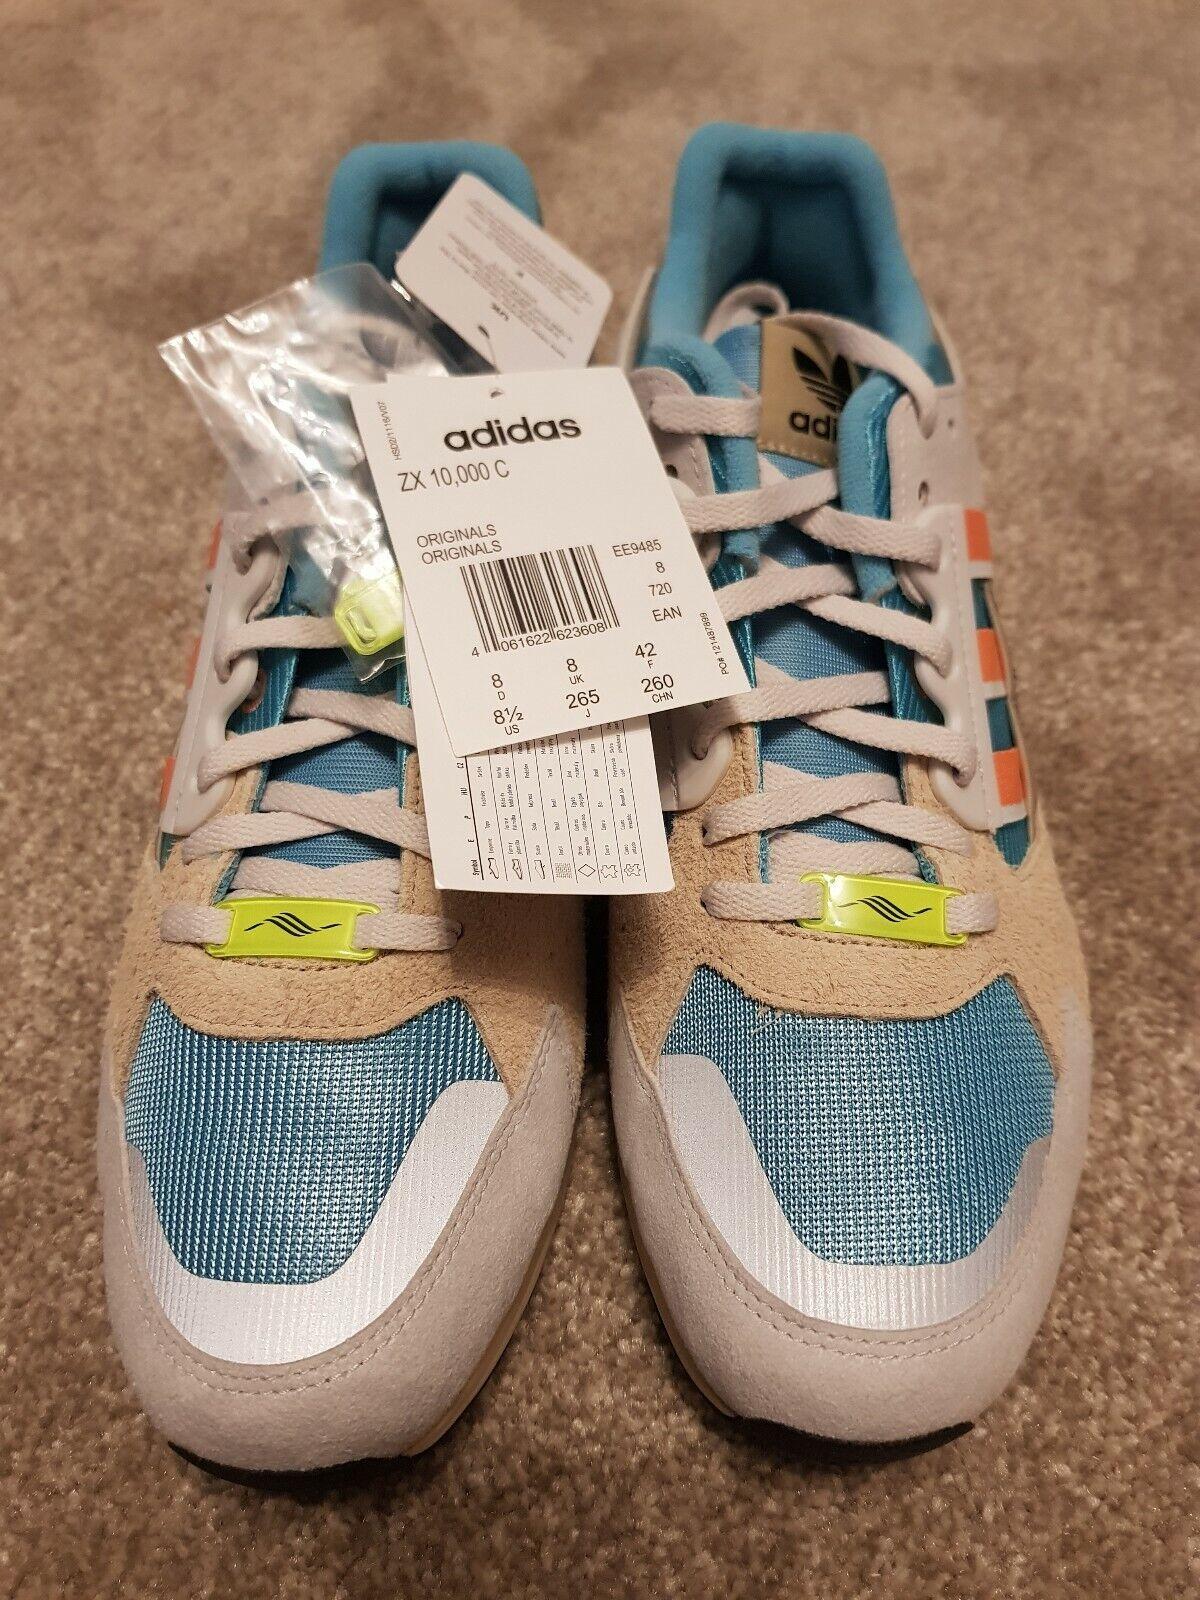 ADIDAS Originals ZX 10000c scarpe da ginnastica Tag Tag Tag Nuovo di zecca con zx10000 97e554